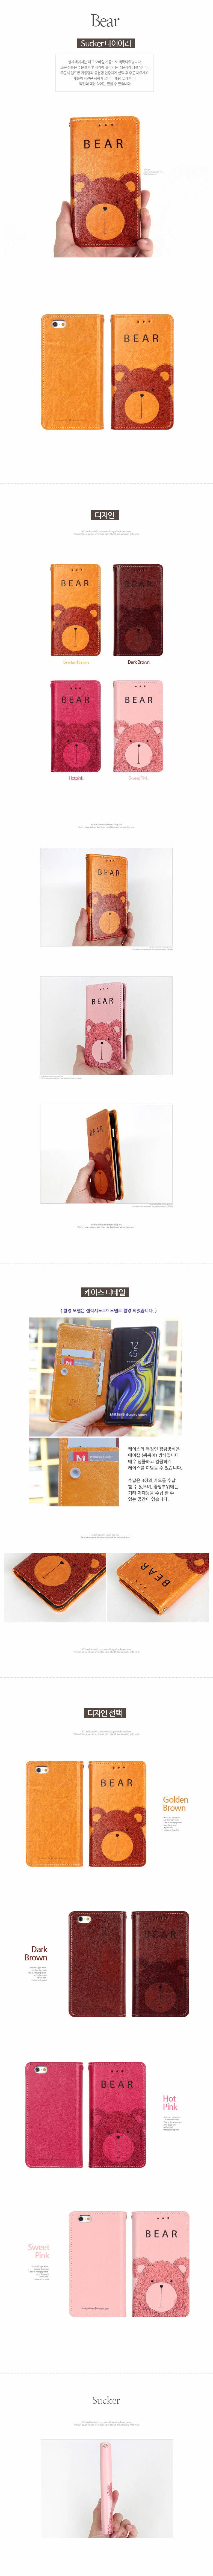 갤럭시S9 (G960) Sucker-Bear 지갑 다이어리 케이스 - 아이콘팜, 14,250원, 케이스, 갤럭시S9/S9플러스